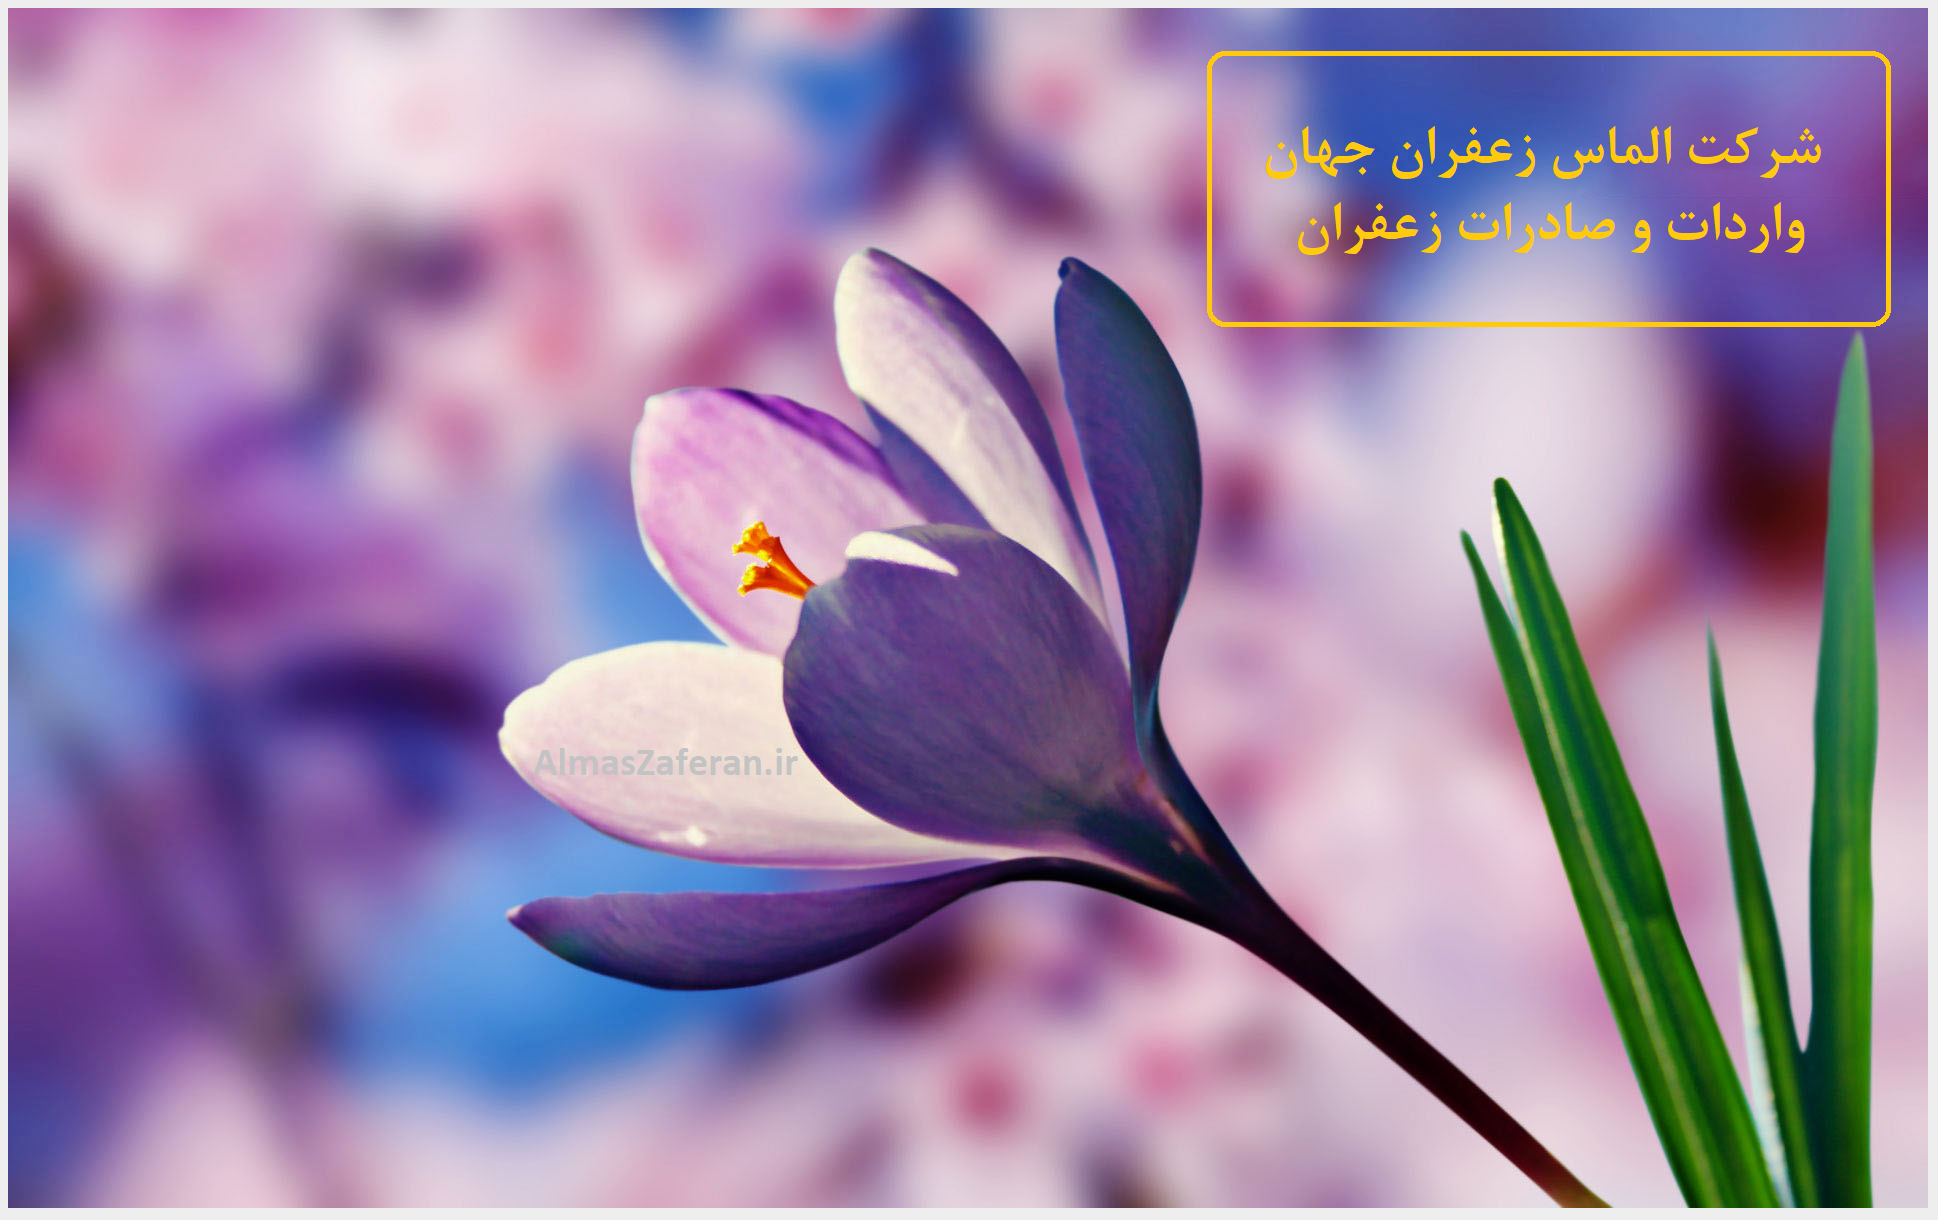 نوسانات قیمت فروش و خرید زعفران